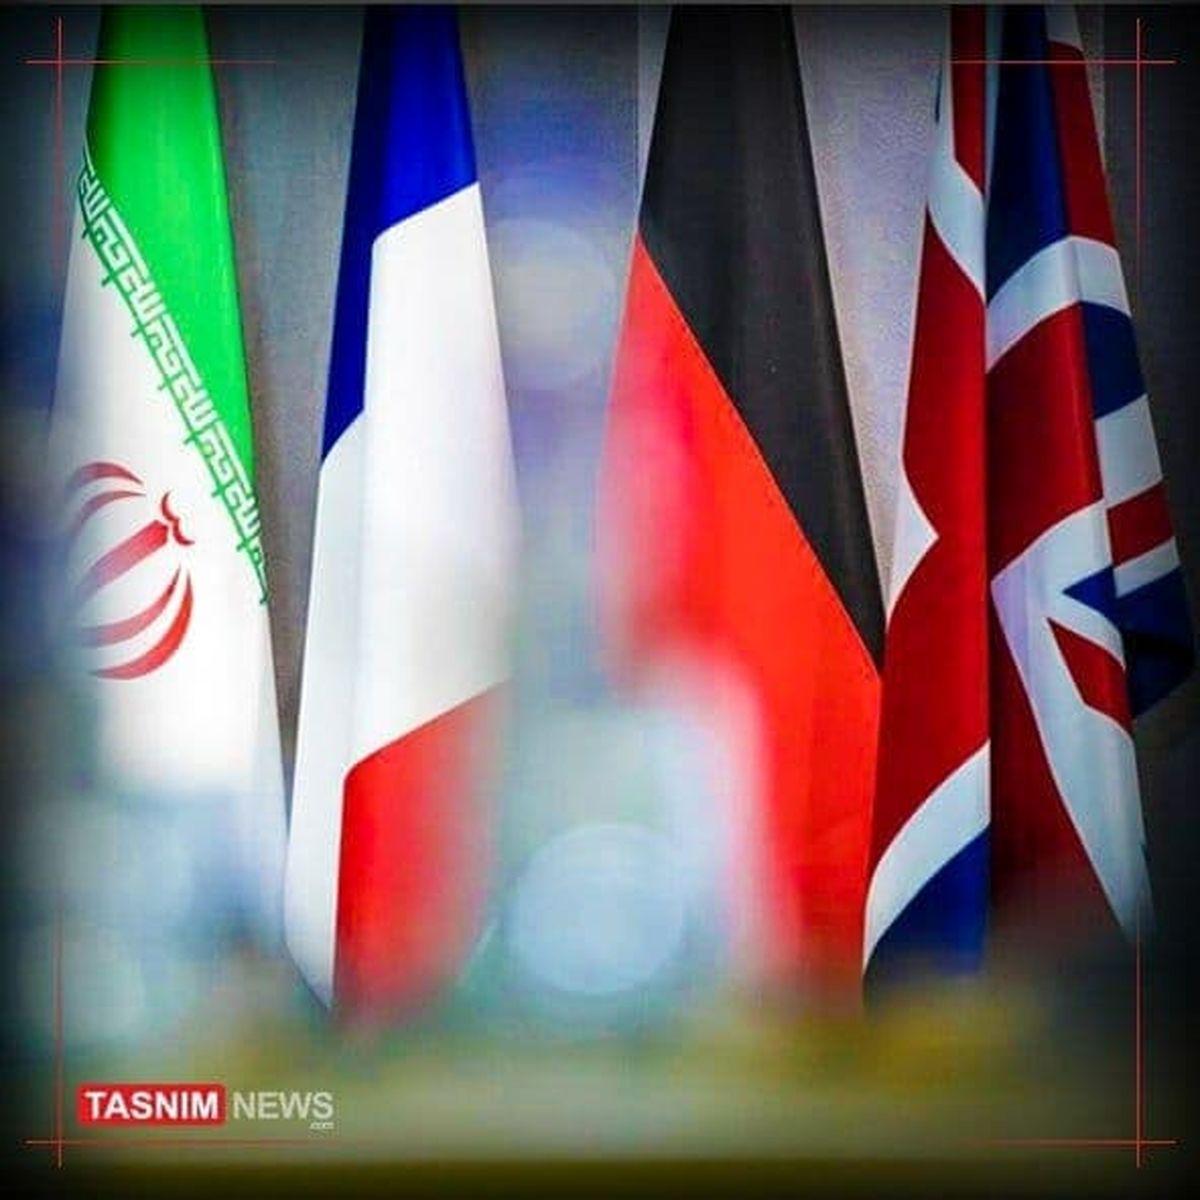 واکنش اروپا به تعلیق اجرای پروتکل الحاقی در ایران